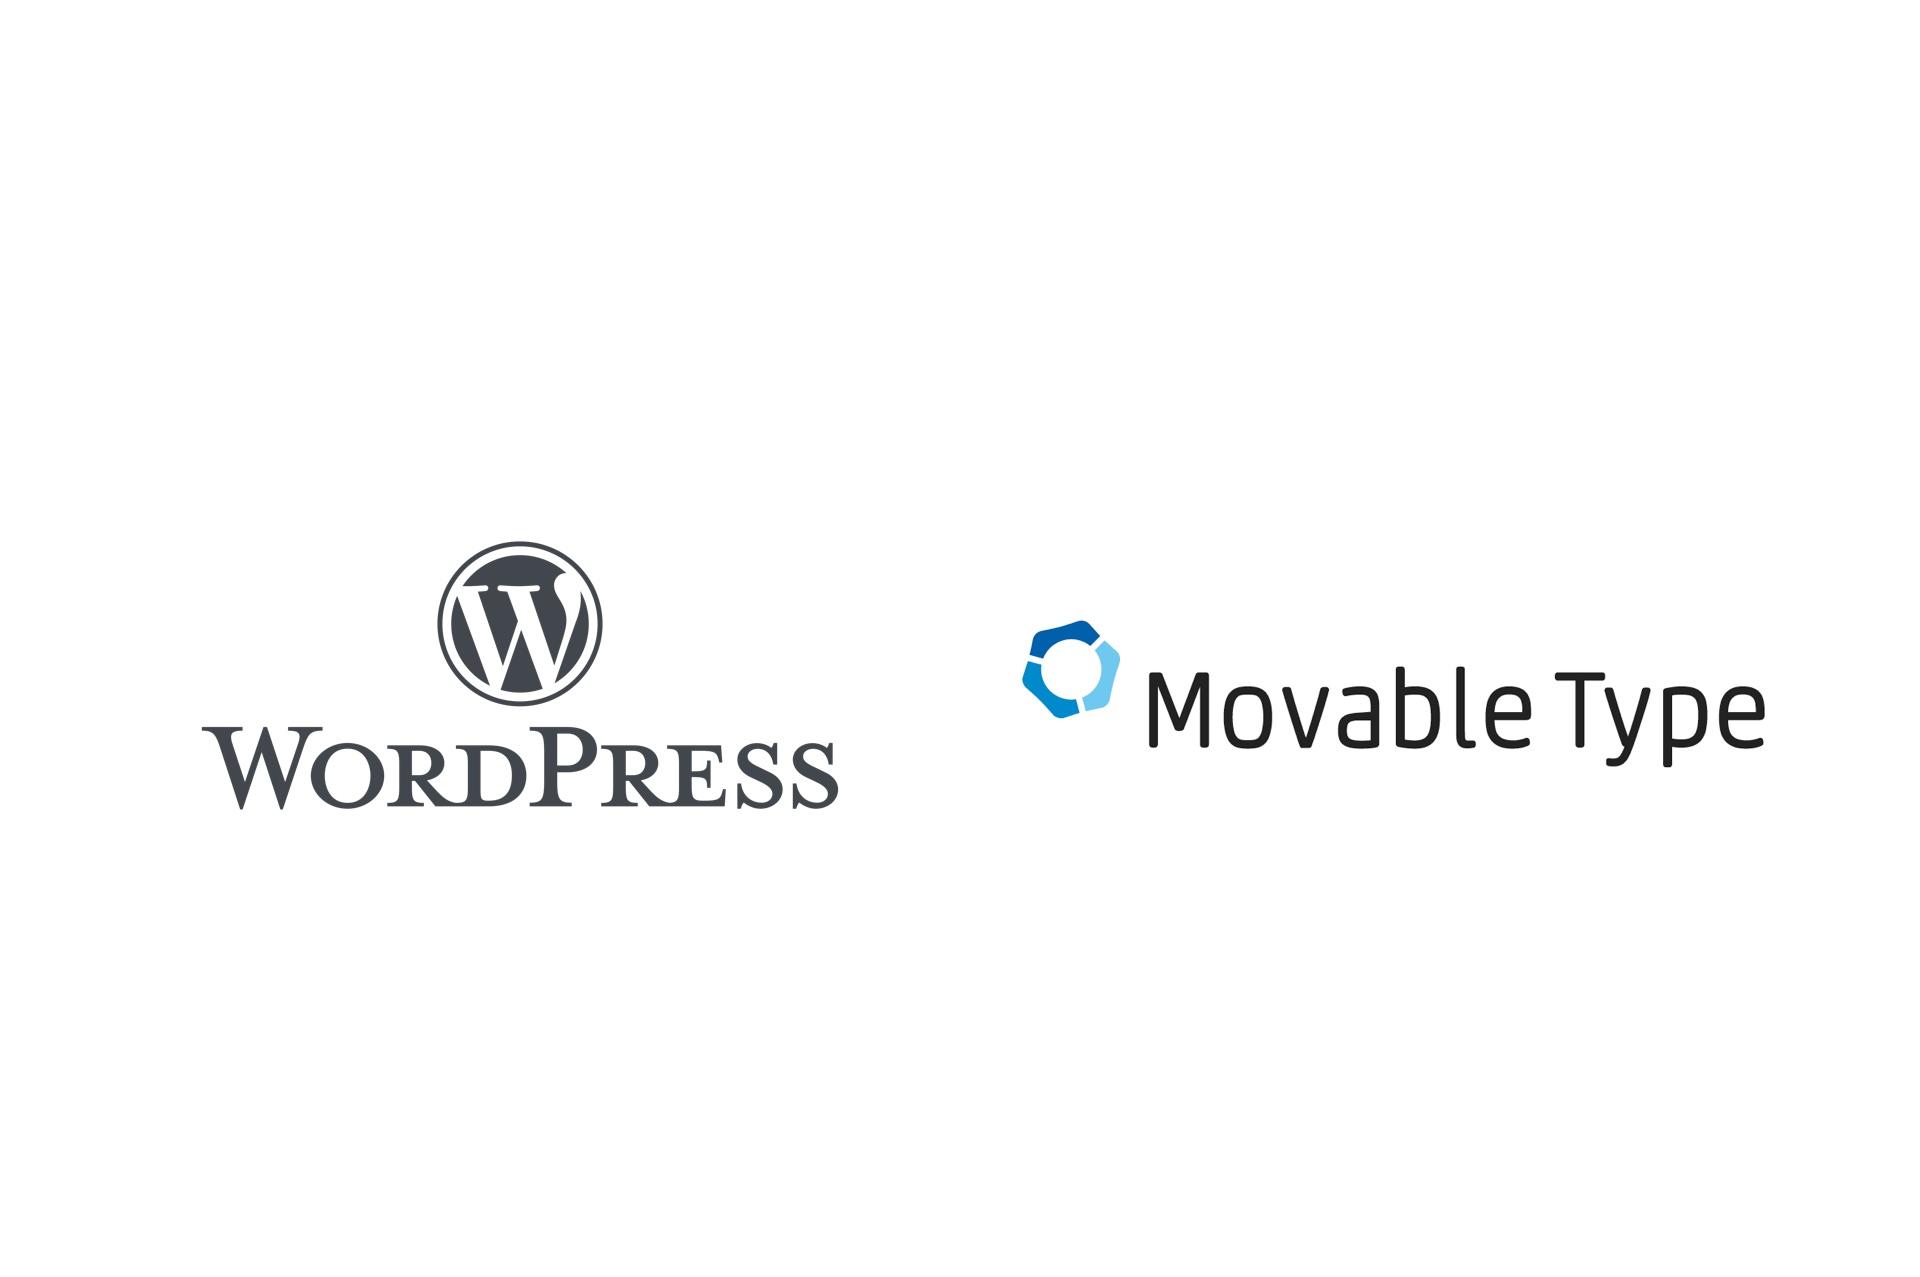 WordPressとMovable Typeの違いとは?両者の強み、メリット・デメリット、使い分けなどご説明します。